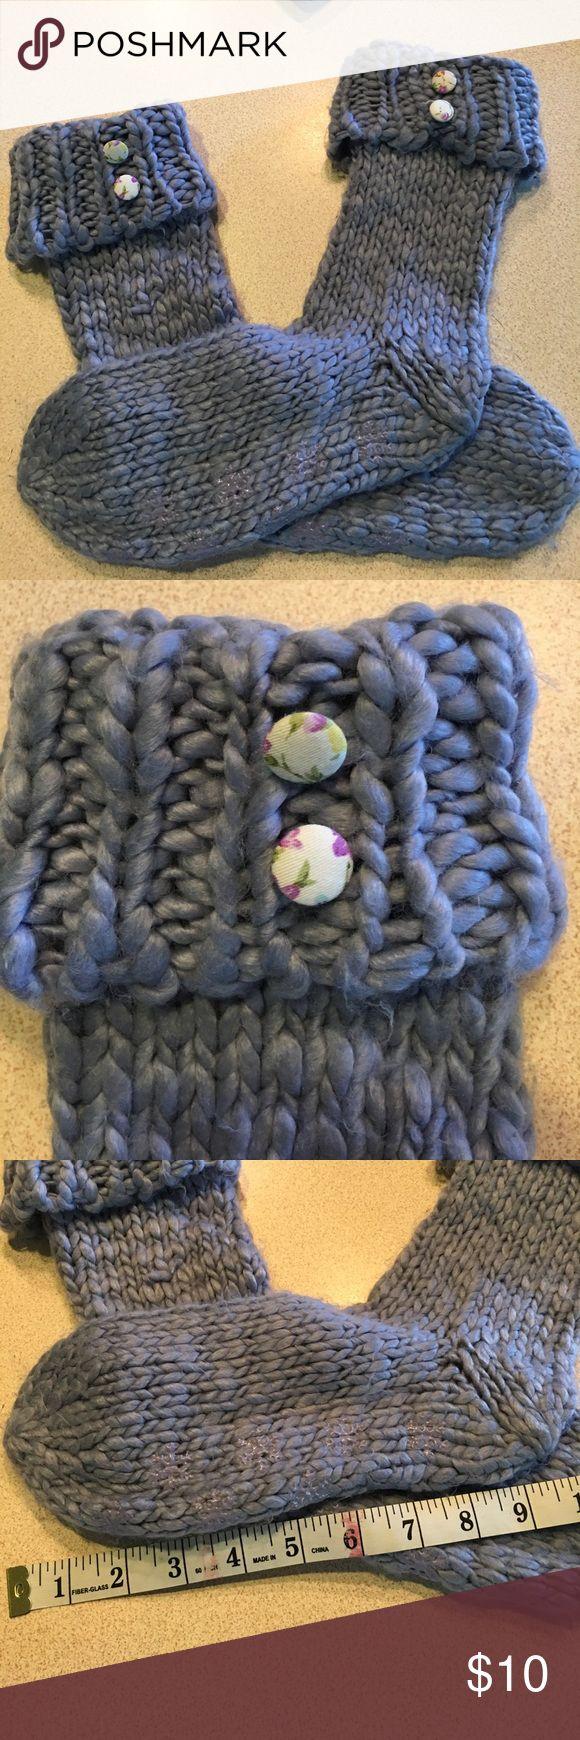 Fuzzy slippers w decorative buttons Fuzzy slippers w decorative buttons and anti slip on bottom. NWOT Accessories Hosiery & Socks